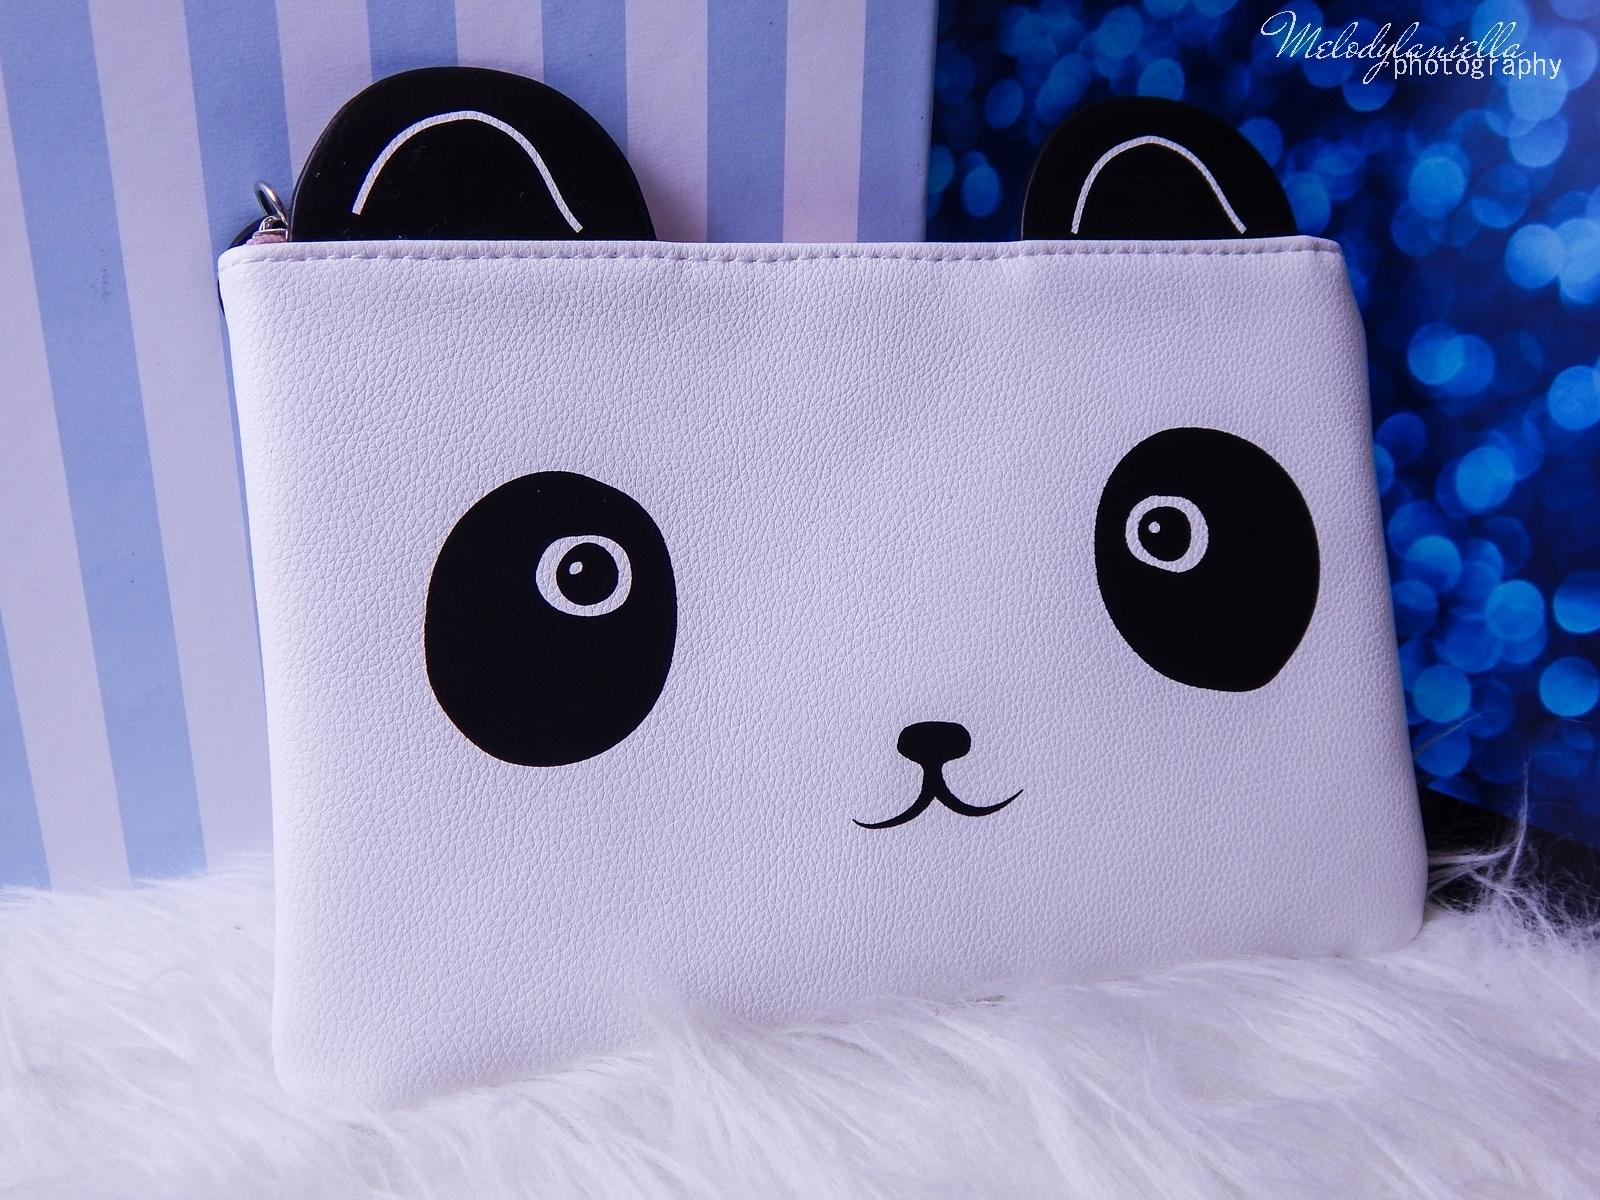 9 Oh! K Life koreańskie kosmetyki i gadżety słodkie dziewczęce dodatki maska do twarzy panda kosmetyczka w kształcie pandy lodowe płatki chłodzące okłady na oczy przeciw sińcom jak pozbyć się sińców pod oczami